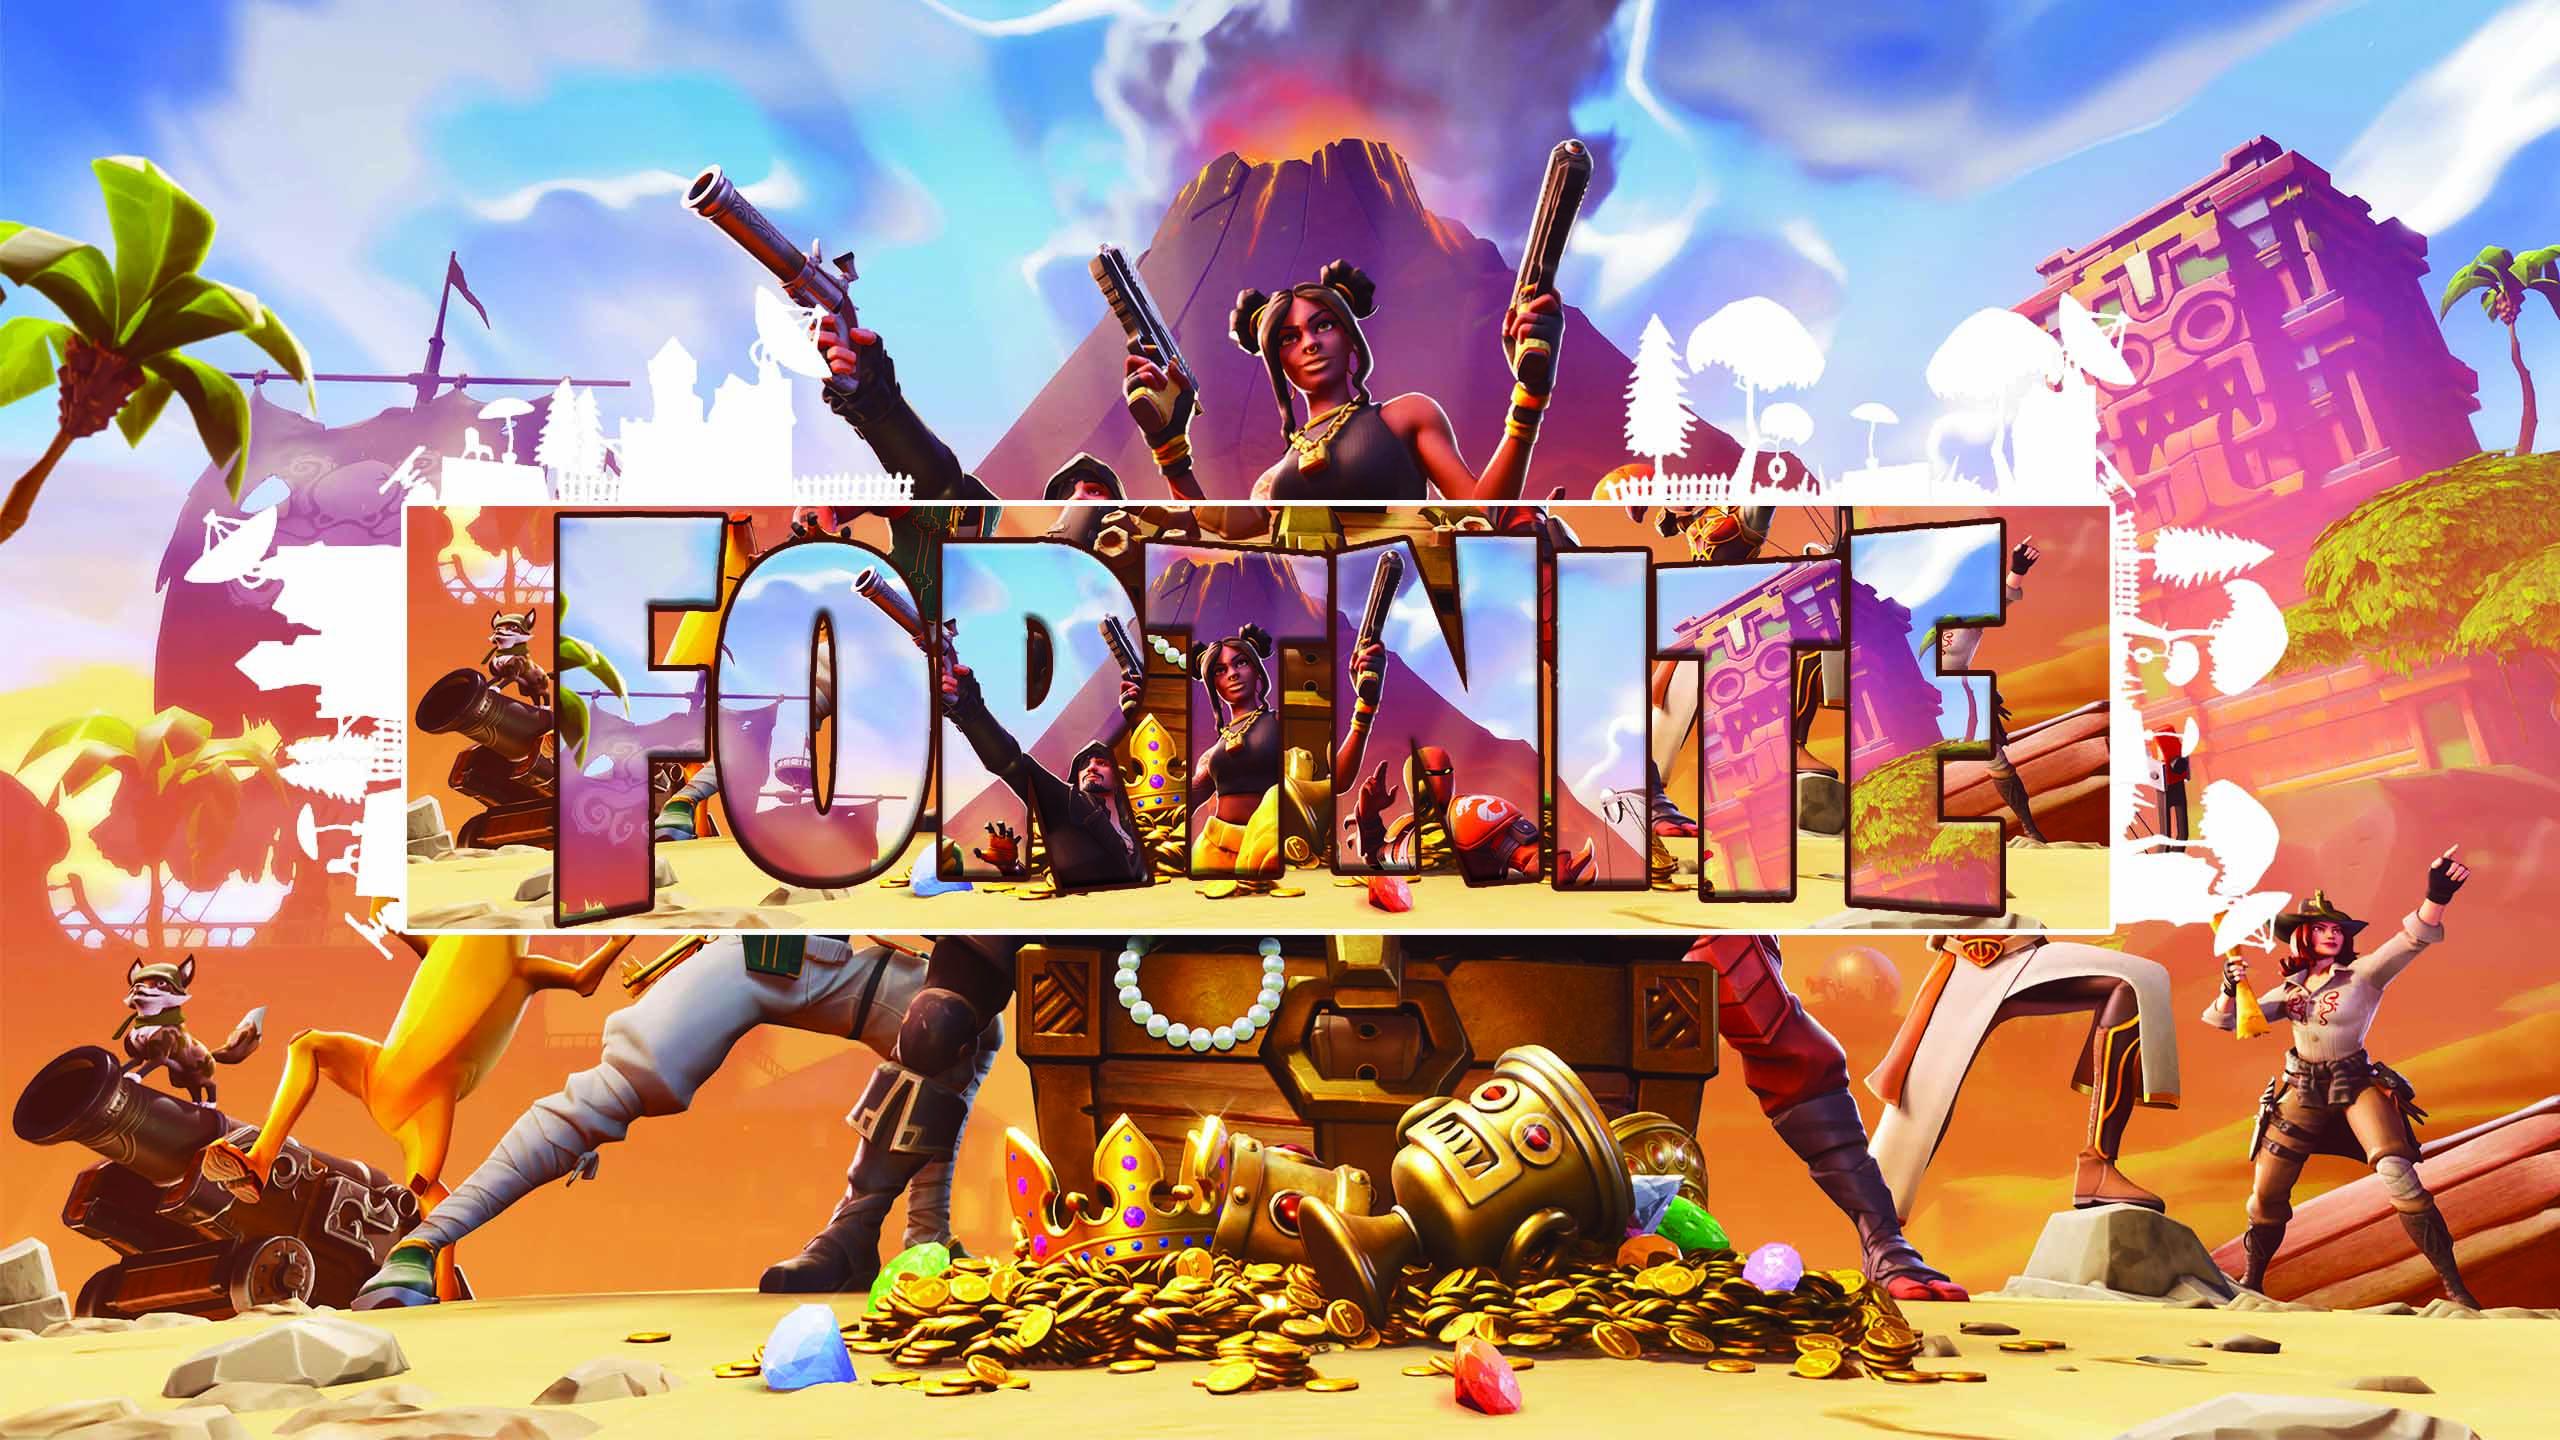 Imagens Fortnite 2048x1152 Youtube